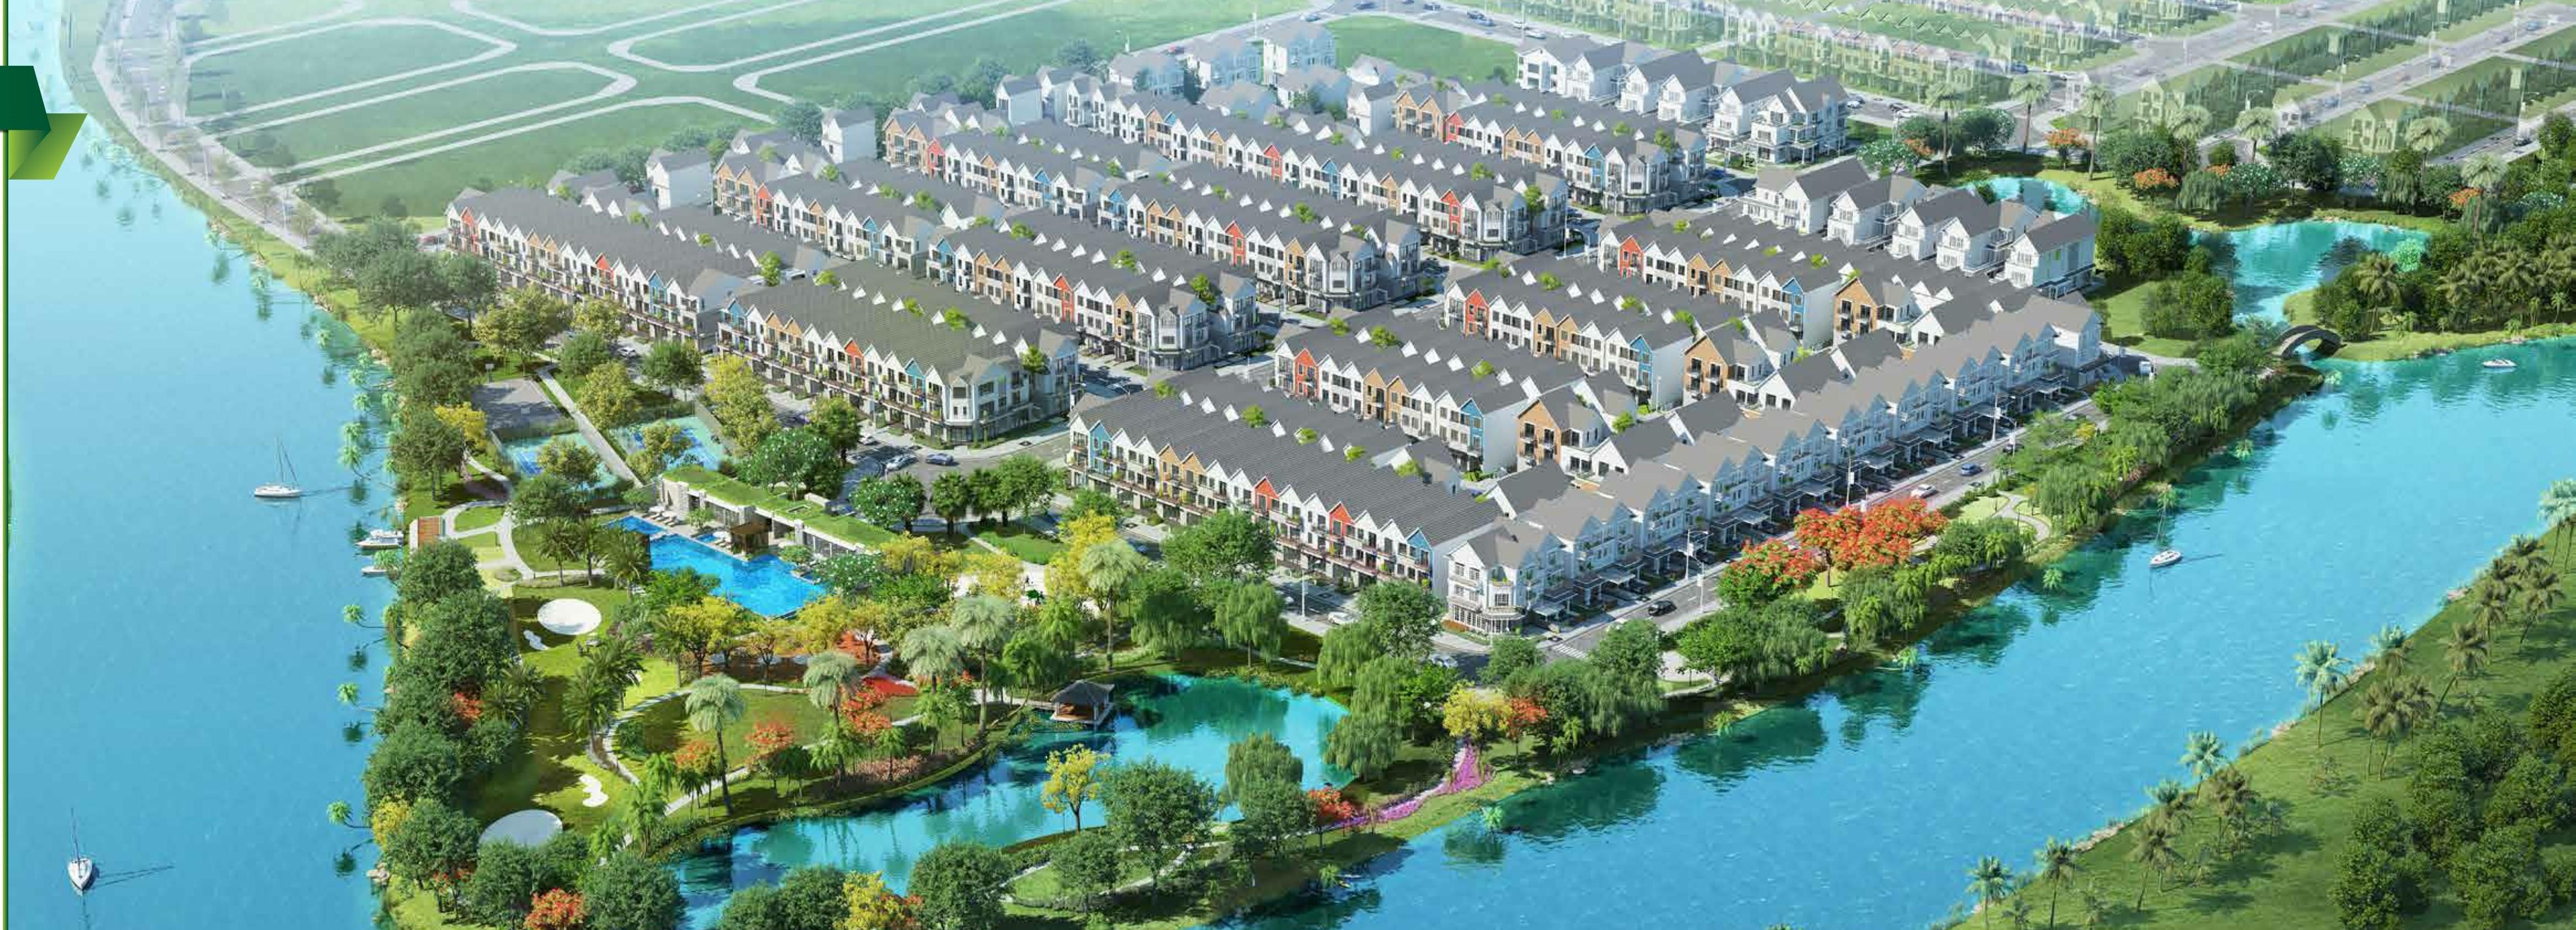 khu biệt thự 2 mặt giáp sông của dự án park riverside